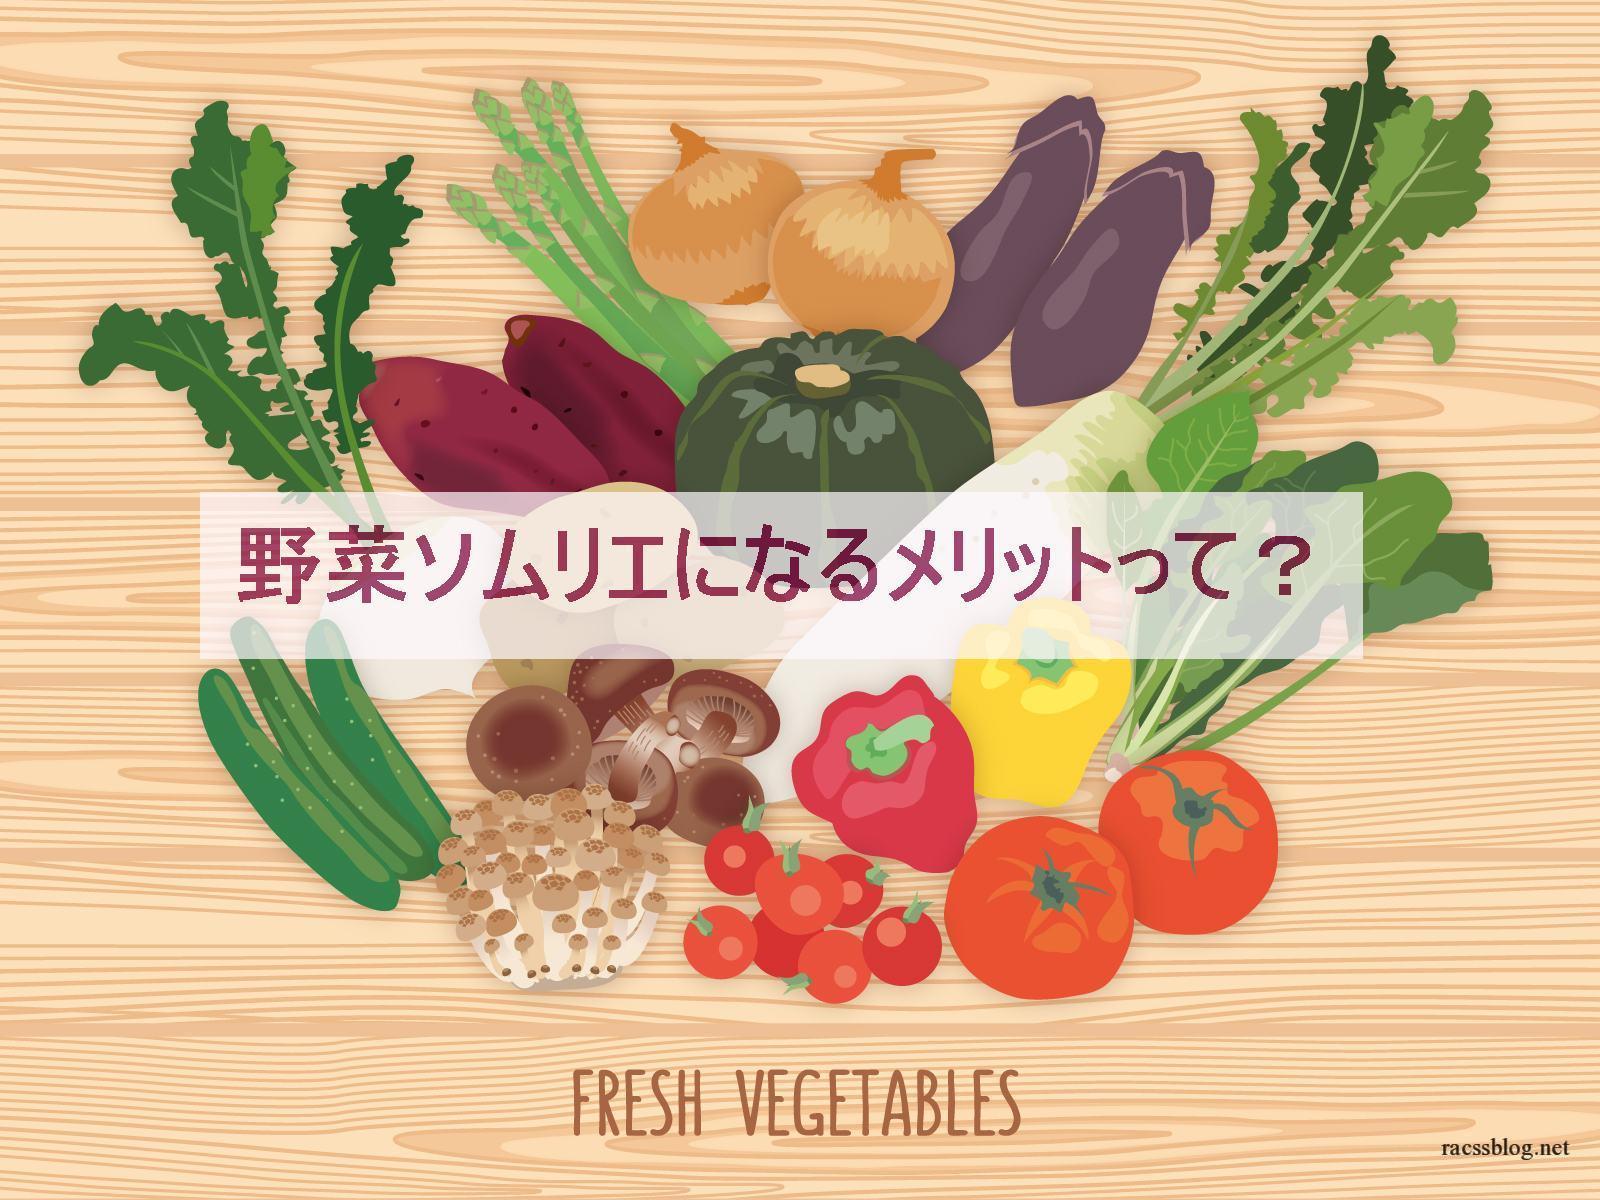 野菜ソムリエ費用は高い・・・独学できず更新費用もかかります|それでも取得するべき人とは